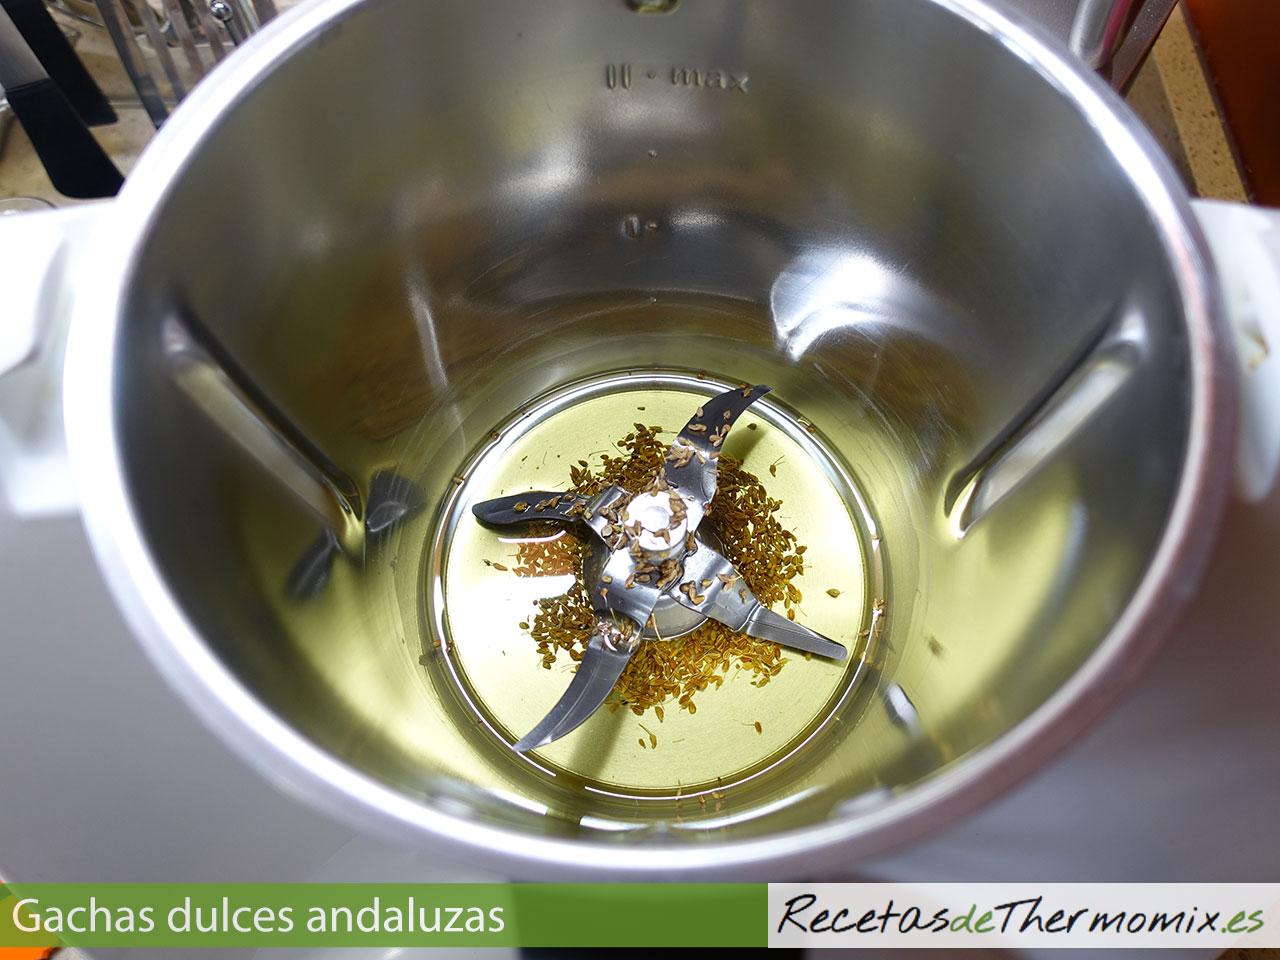 Cómo hacer gachas dulces andaluzas en Thermomix